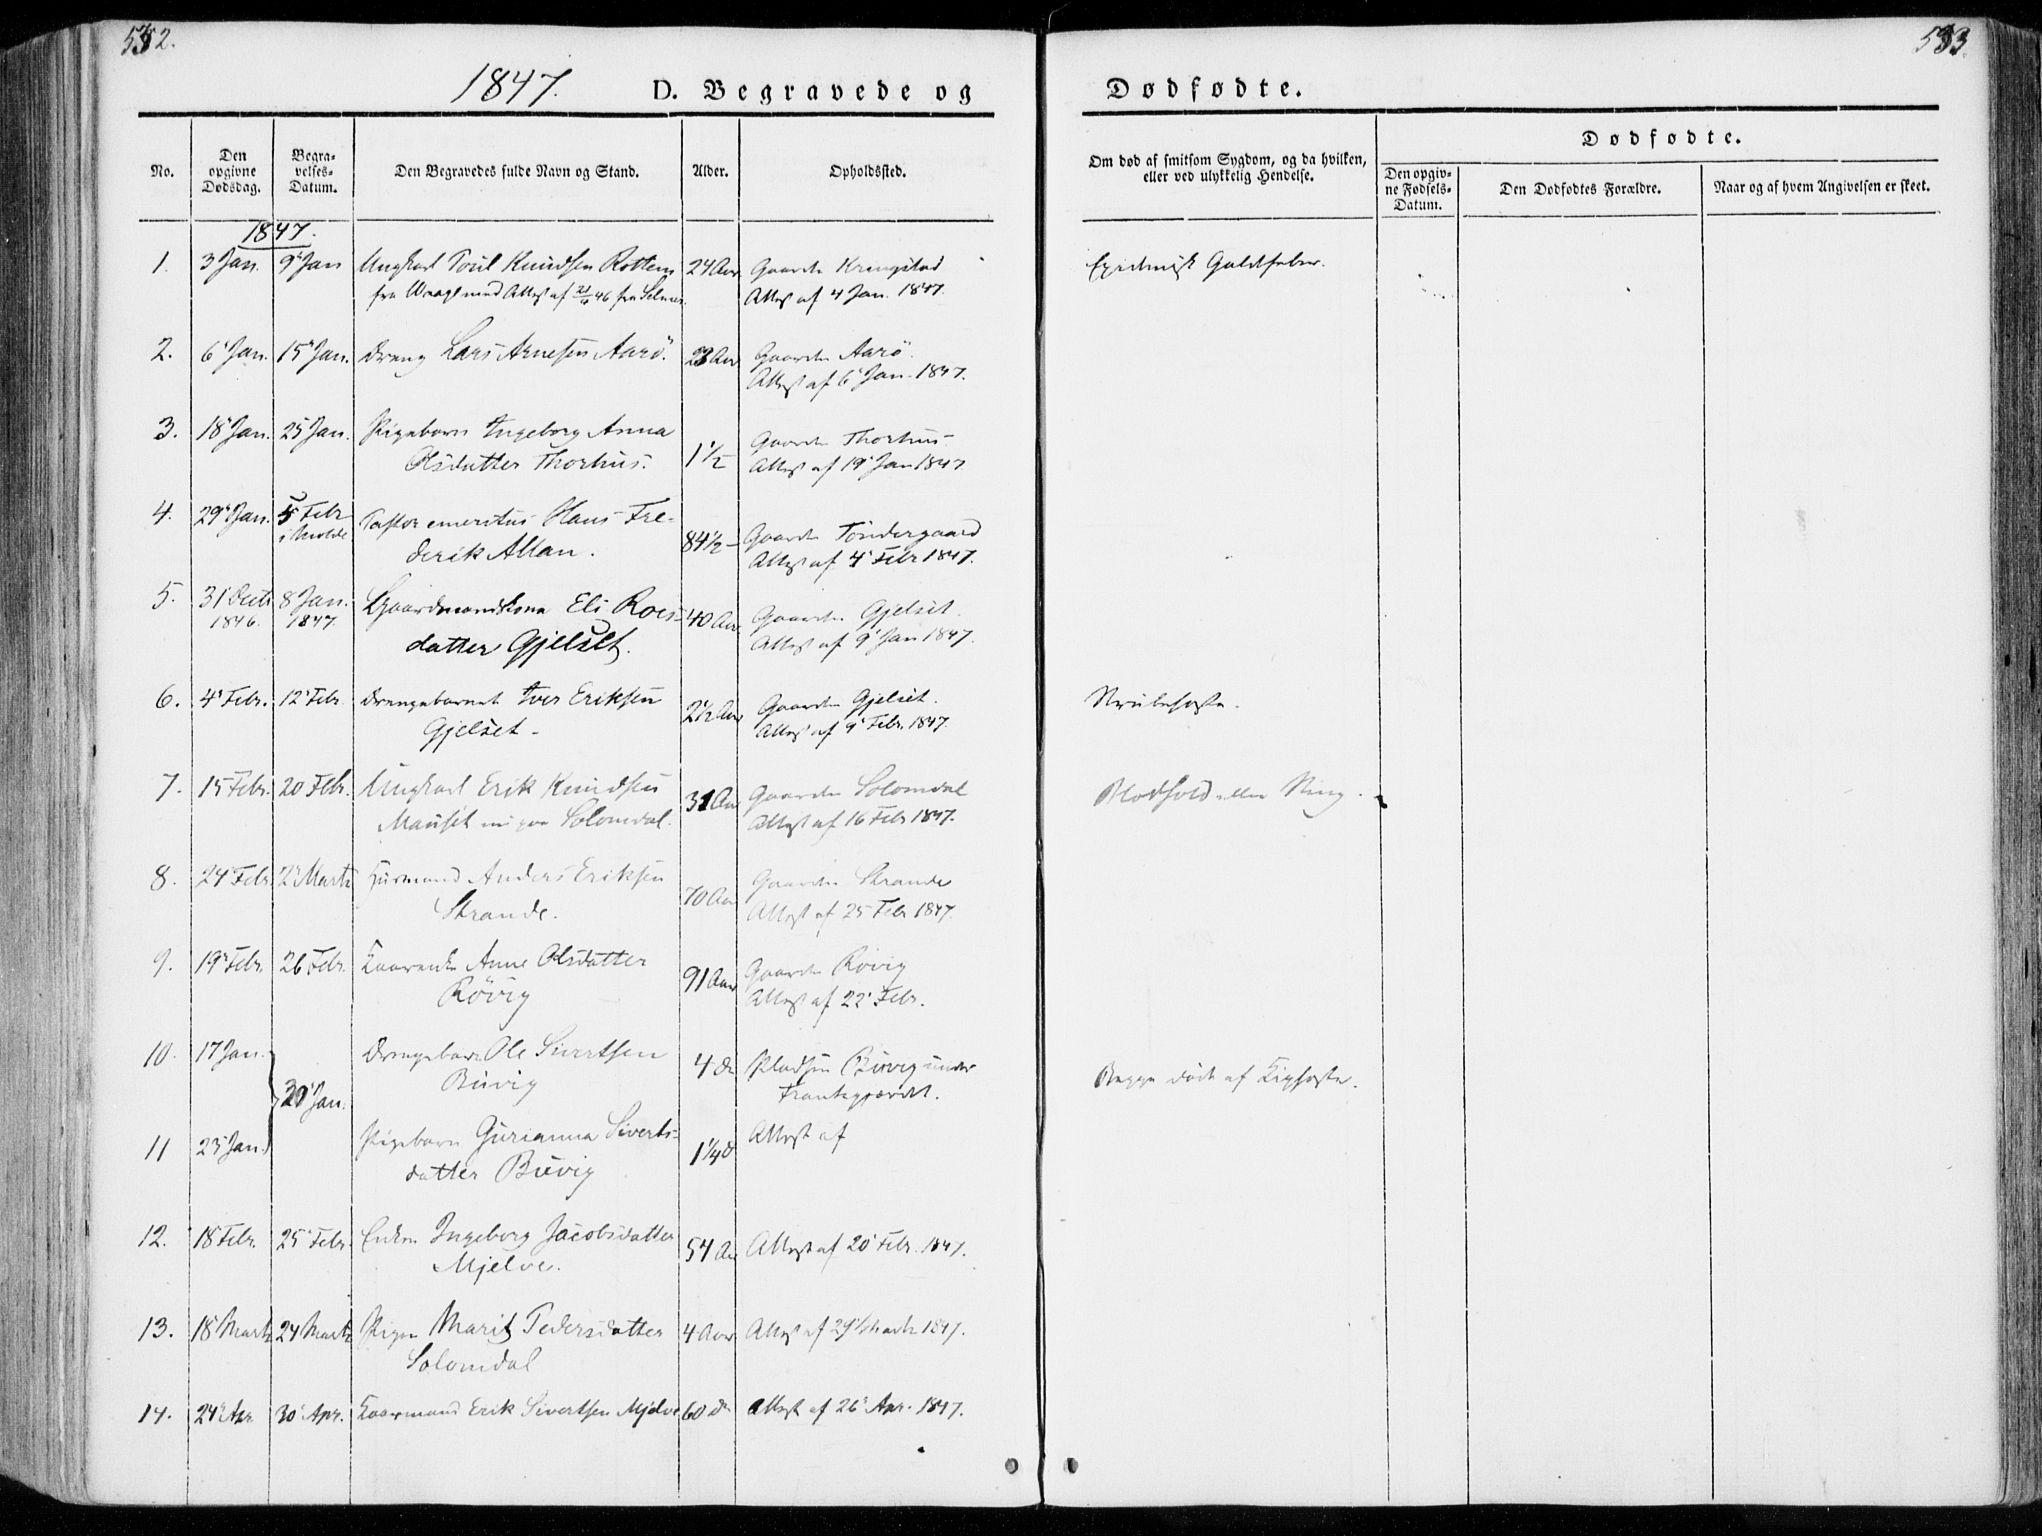 SAT, Ministerialprotokoller, klokkerbøker og fødselsregistre - Møre og Romsdal, 555/L0653: Ministerialbok nr. 555A04, 1843-1869, s. 532-533